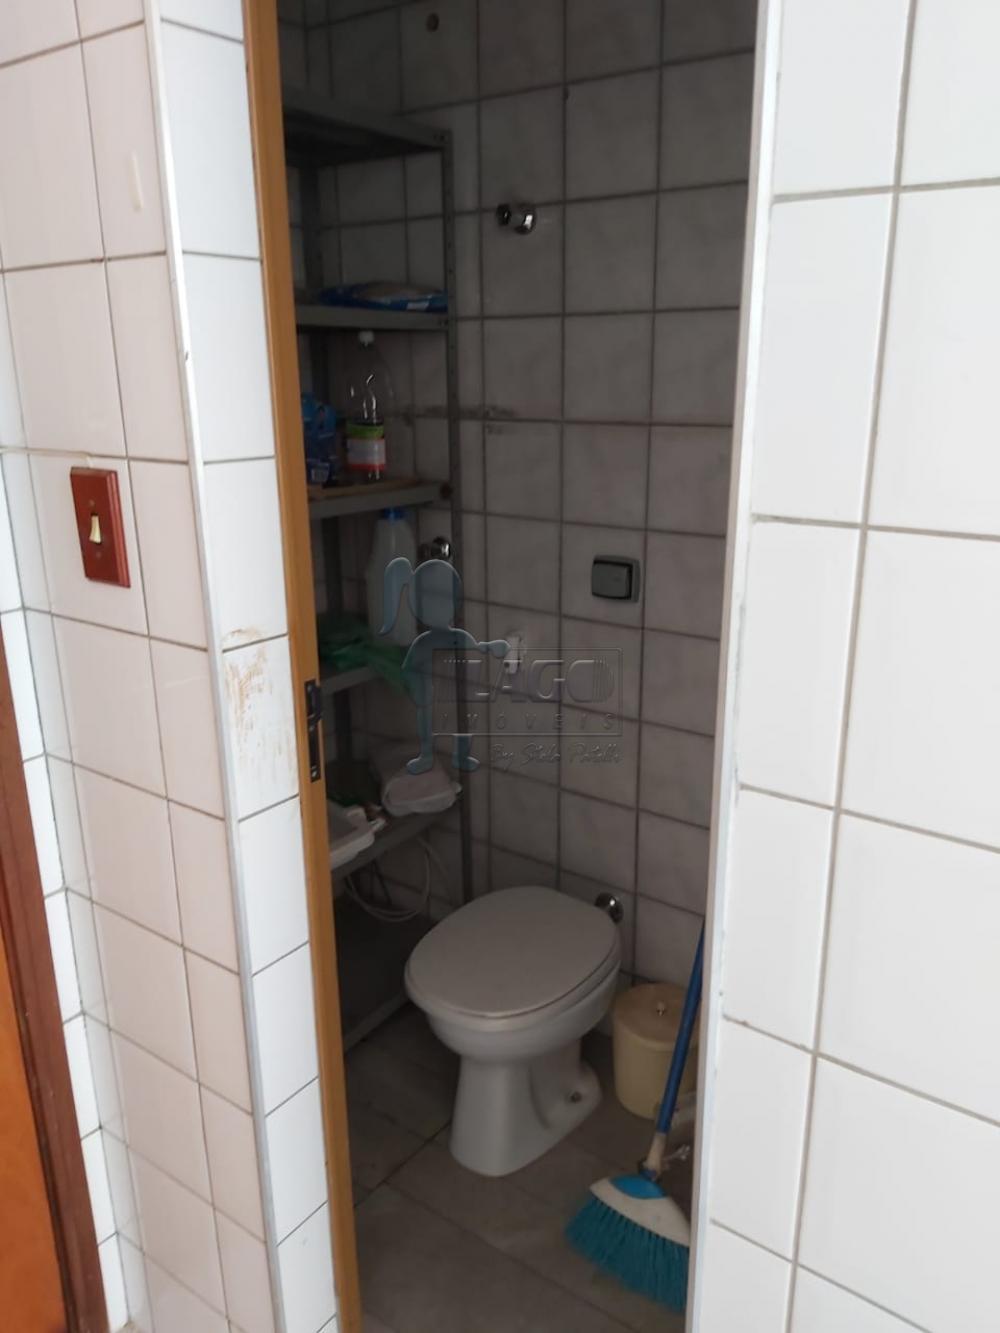 Comprar Apartamento / Padrão em Ribeirão Preto apenas R$ 285.000,00 - Foto 10